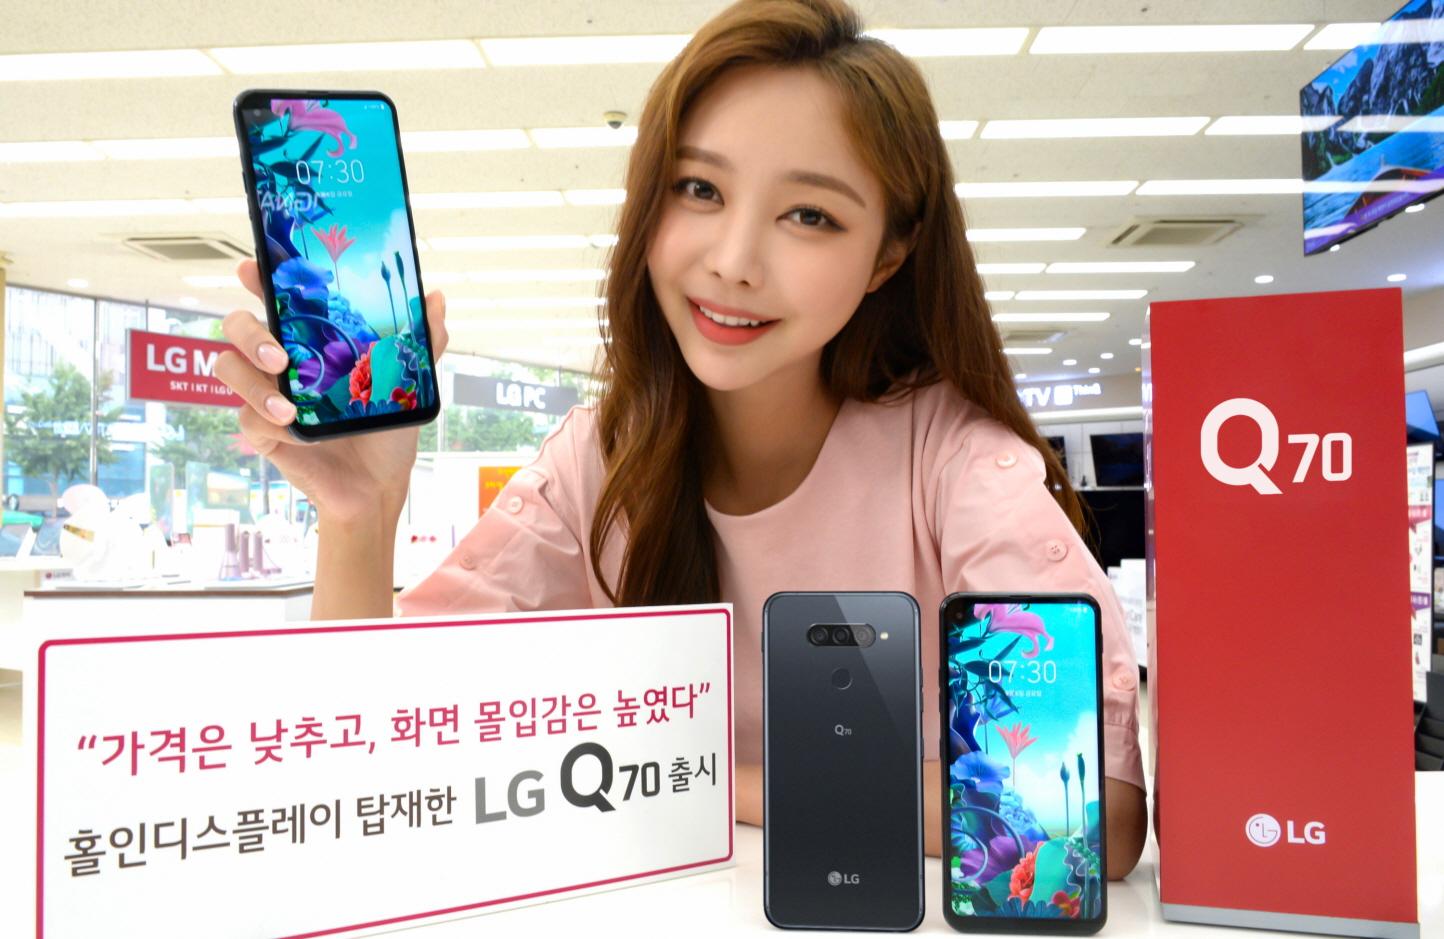 홀인 디스플레이 탑재한 'LG Q70' 국내 출시